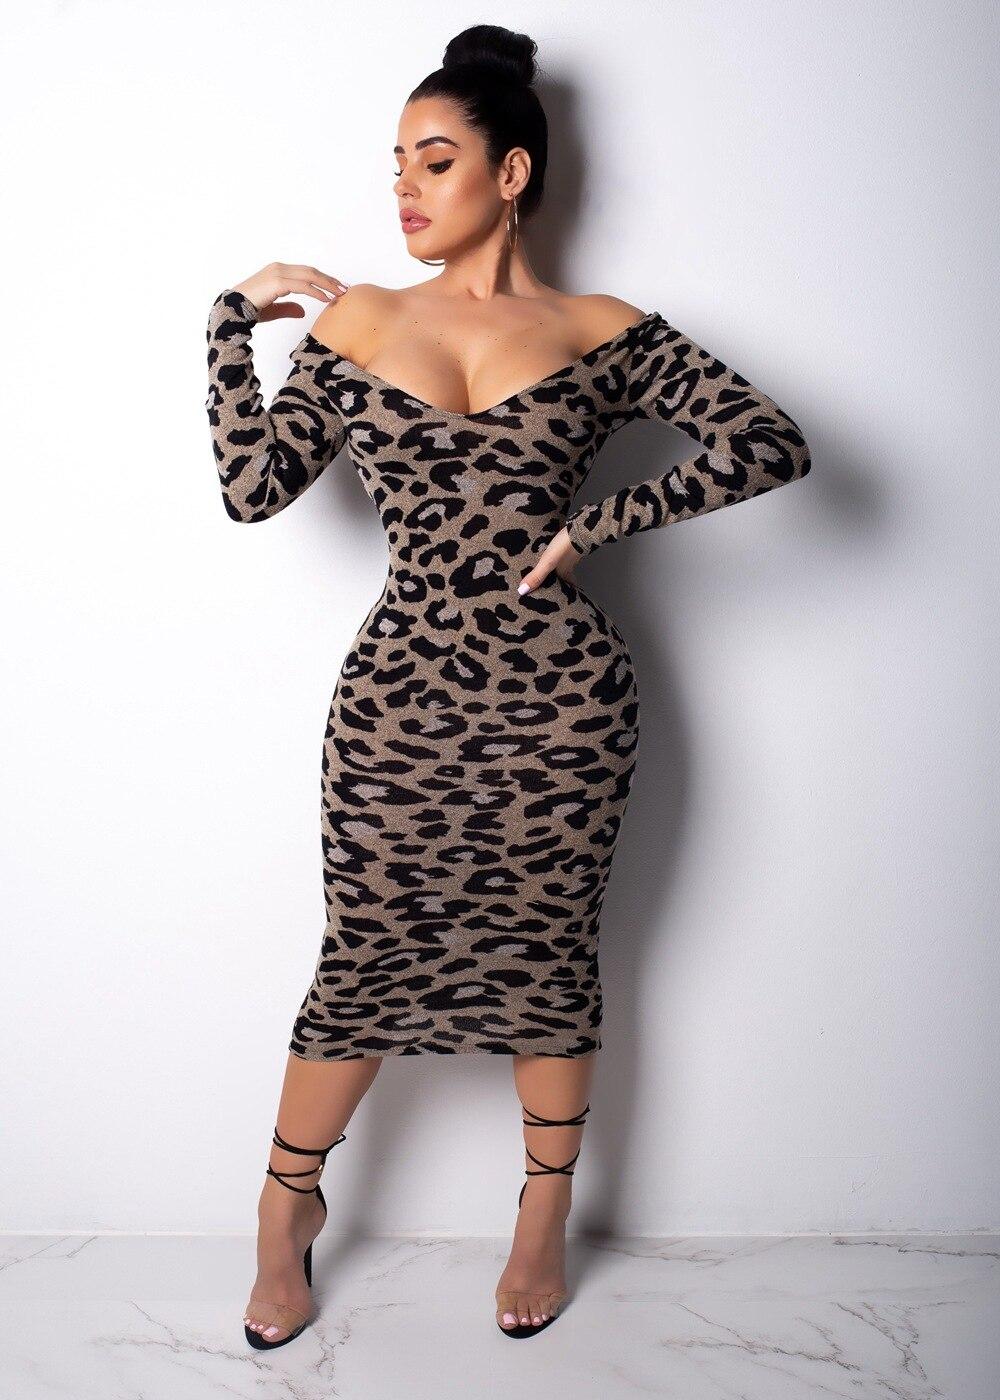 6d194a11b Casual leopardo impresión Maxi vestido de las mujeres Sexy hombro manga  larga cuello en V vestido de las mujeres vestido de noche Vestidos Fiesta  Club ...